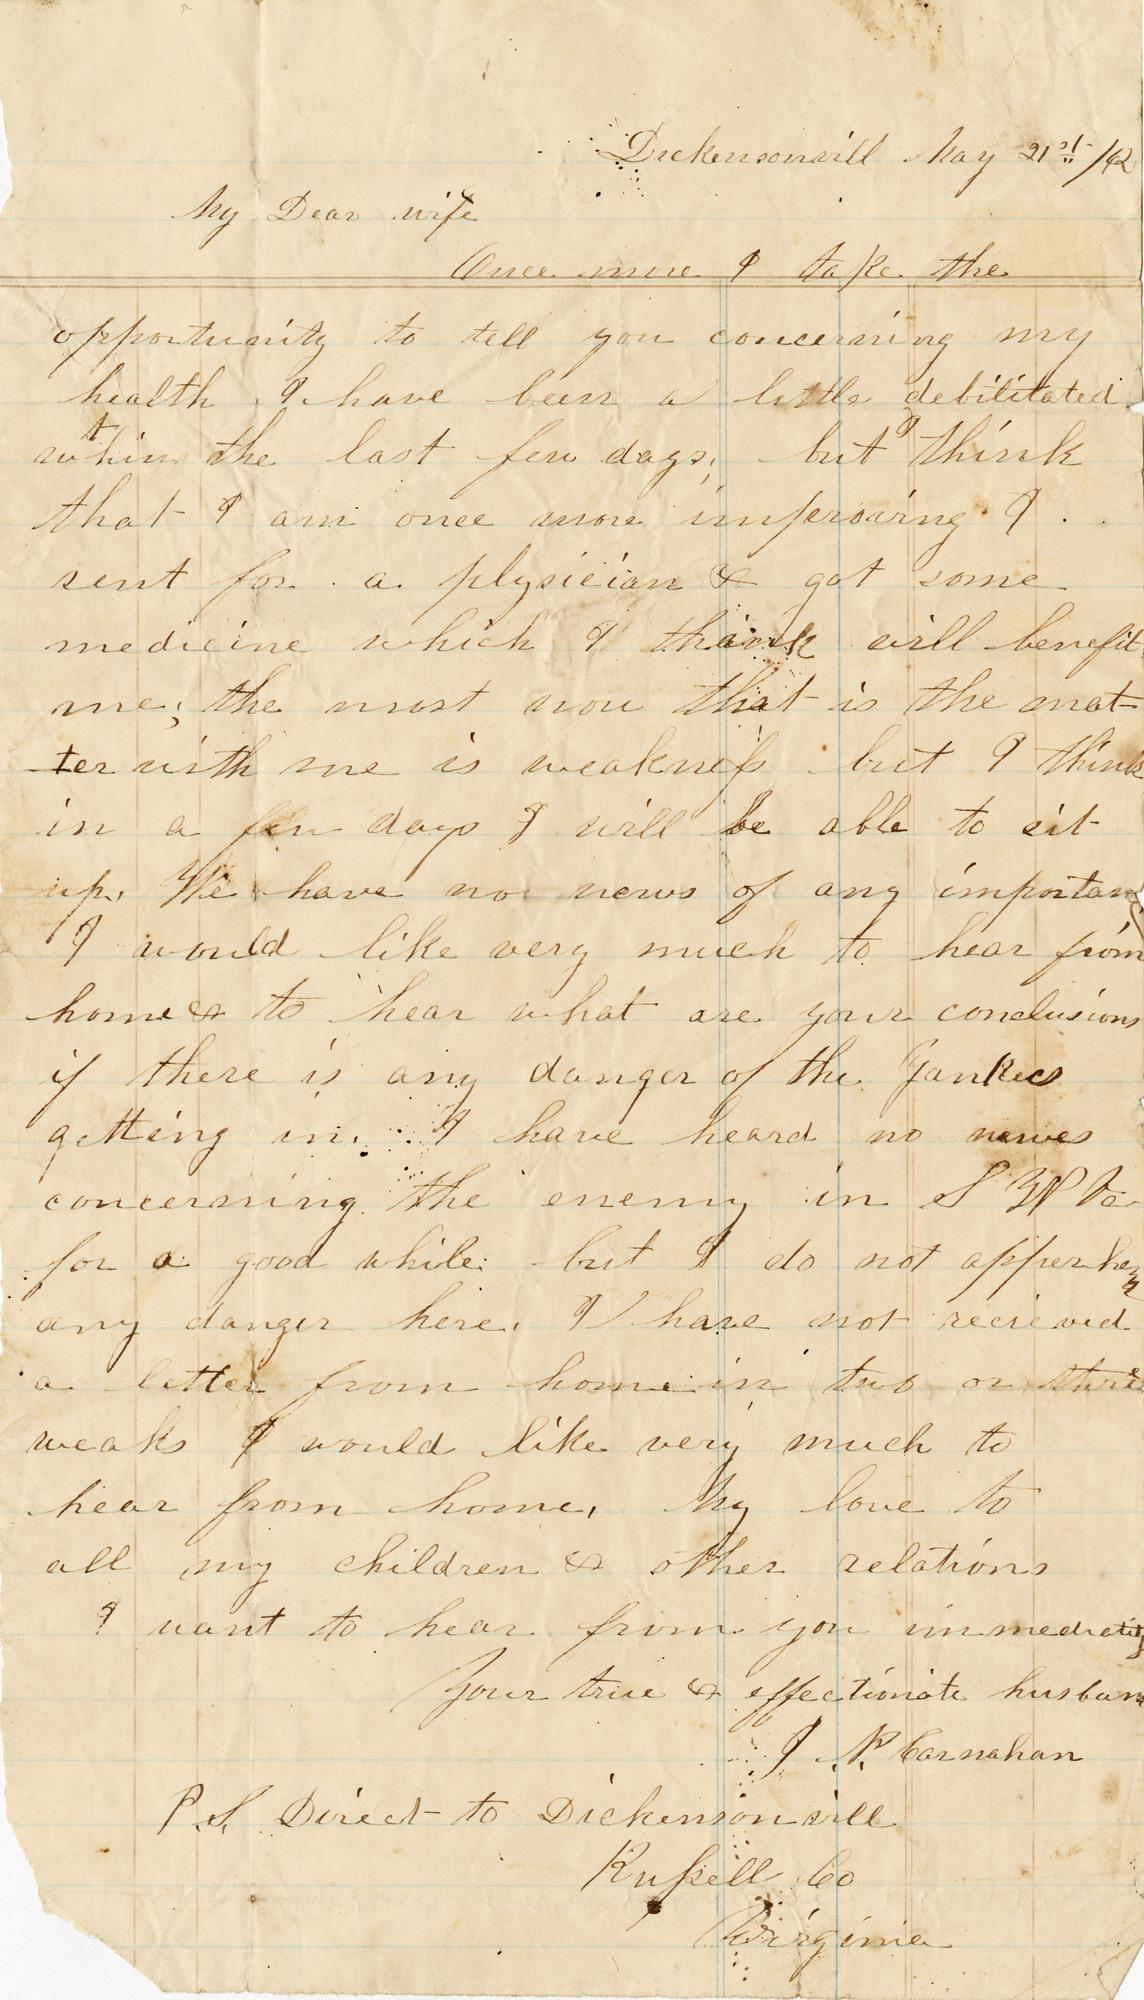 Ms2009-112_CarnahanJohnNewton_Letter_1862_0521.jpg